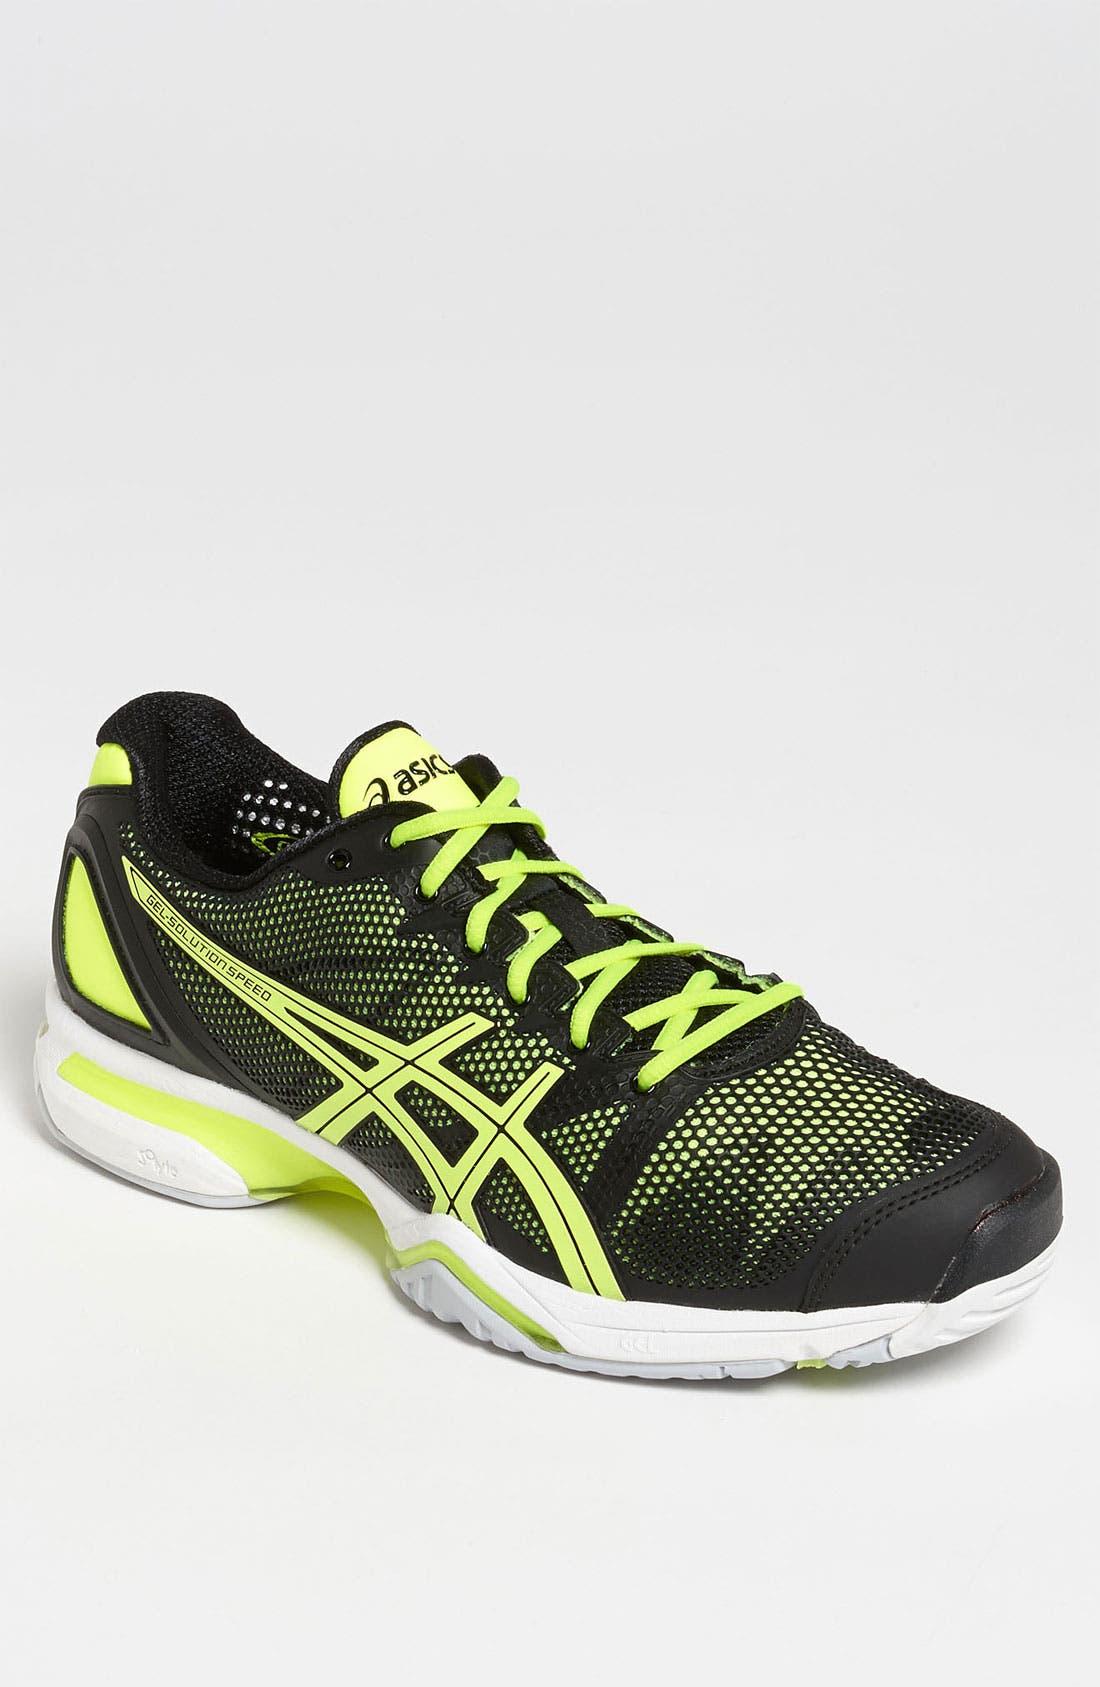 Main Image - ASICS® 'GEL-Solution Speed' Tennis Shoe (Men)